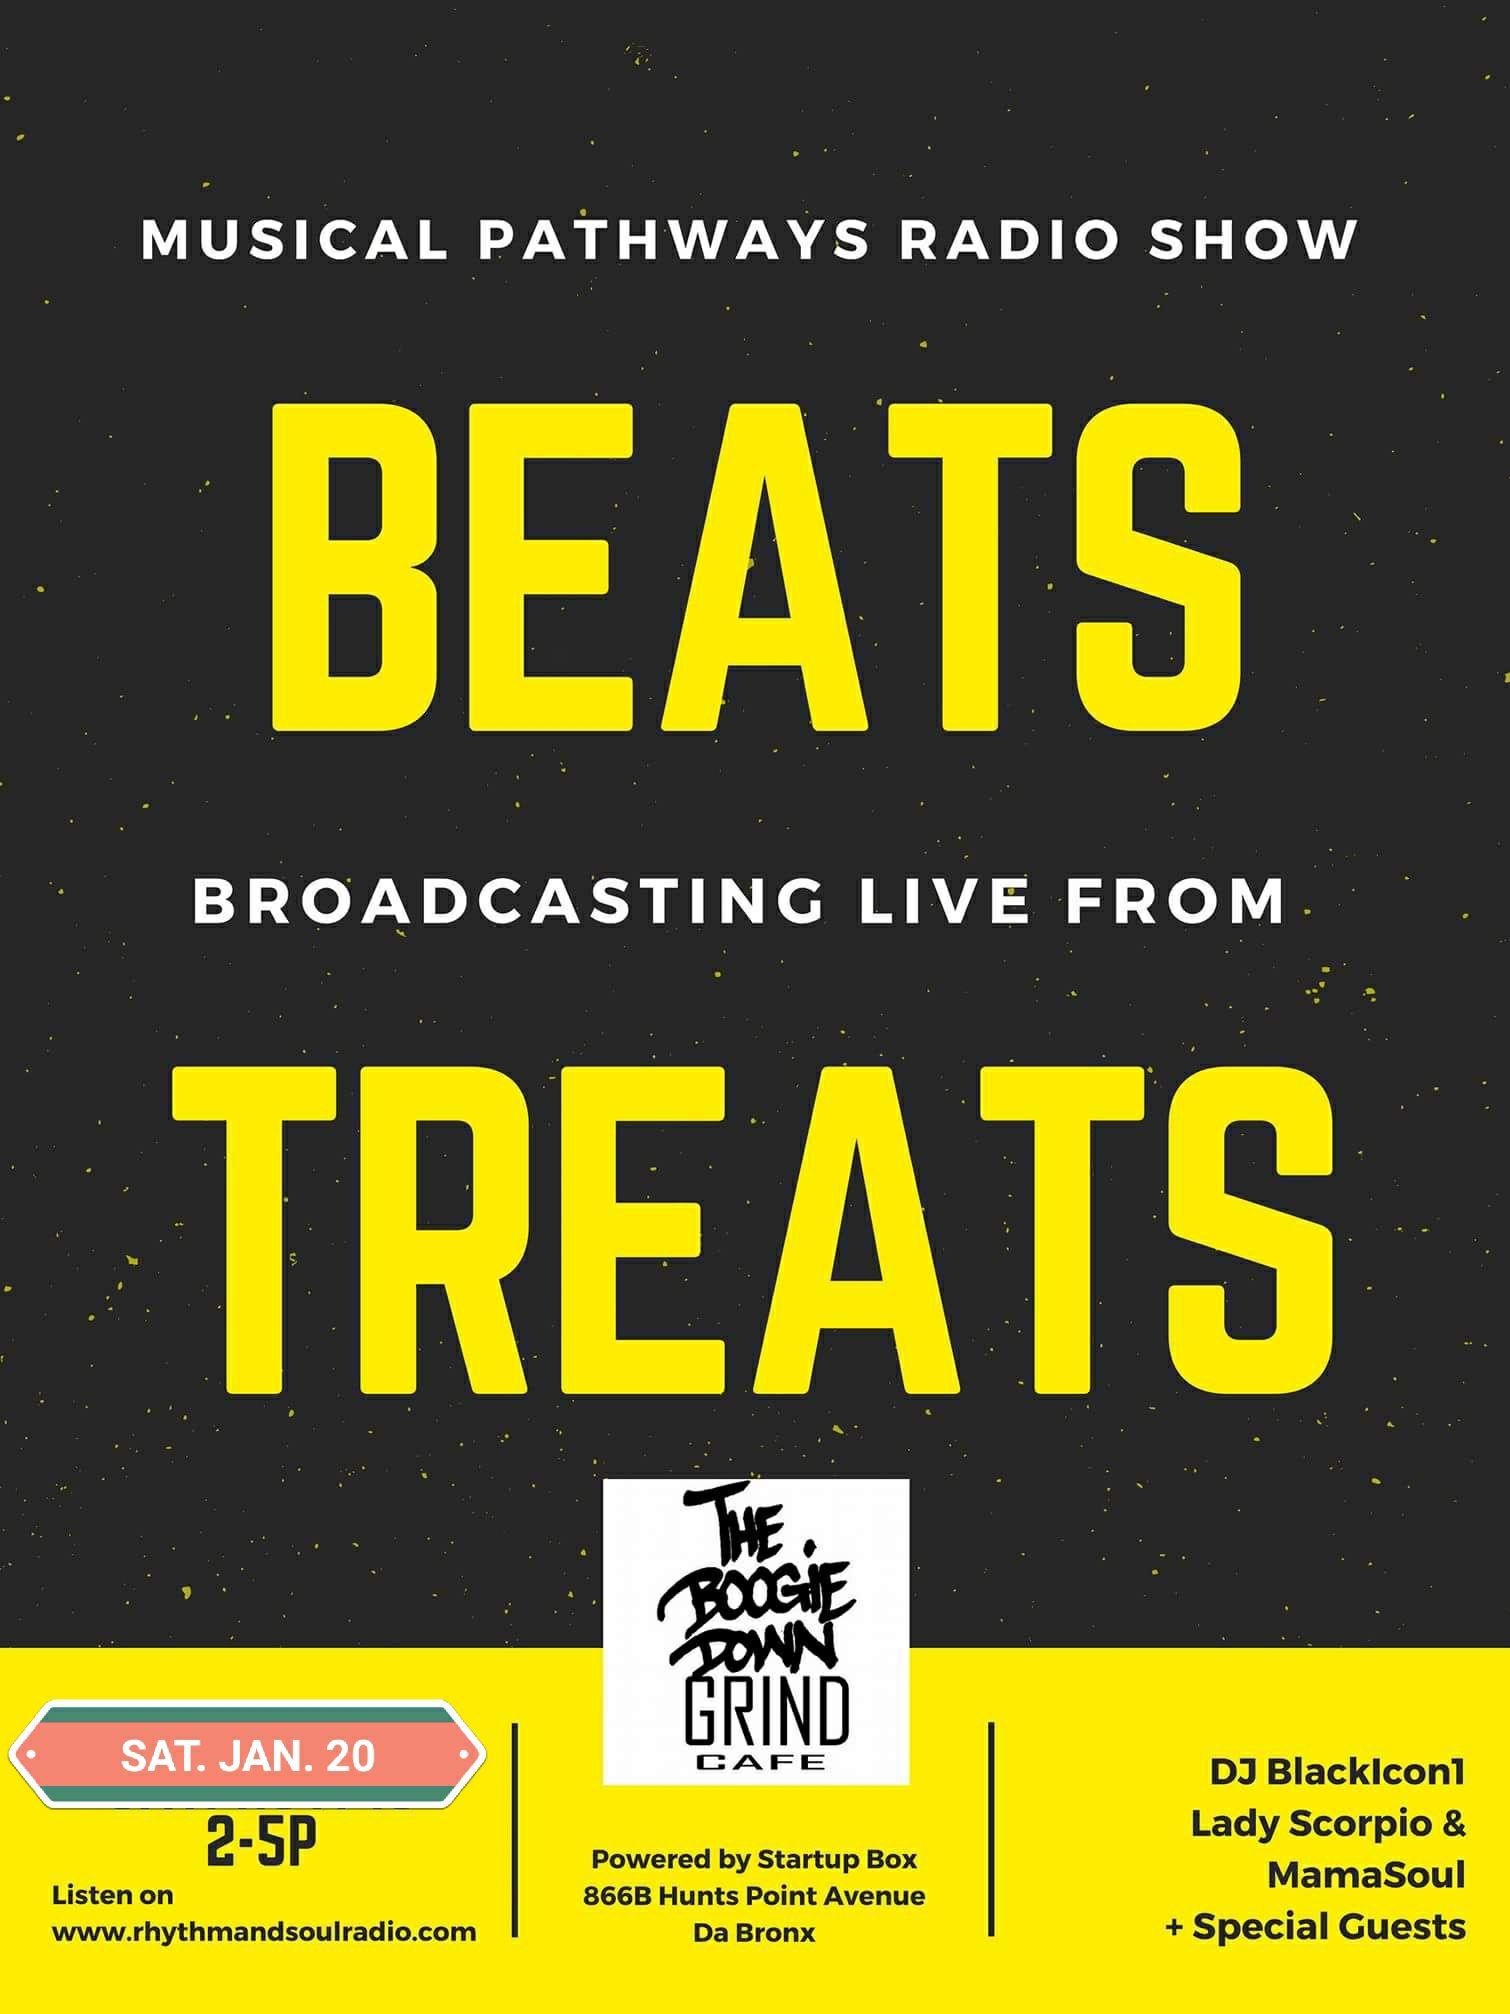 Musical Pathways Radio Show flyer